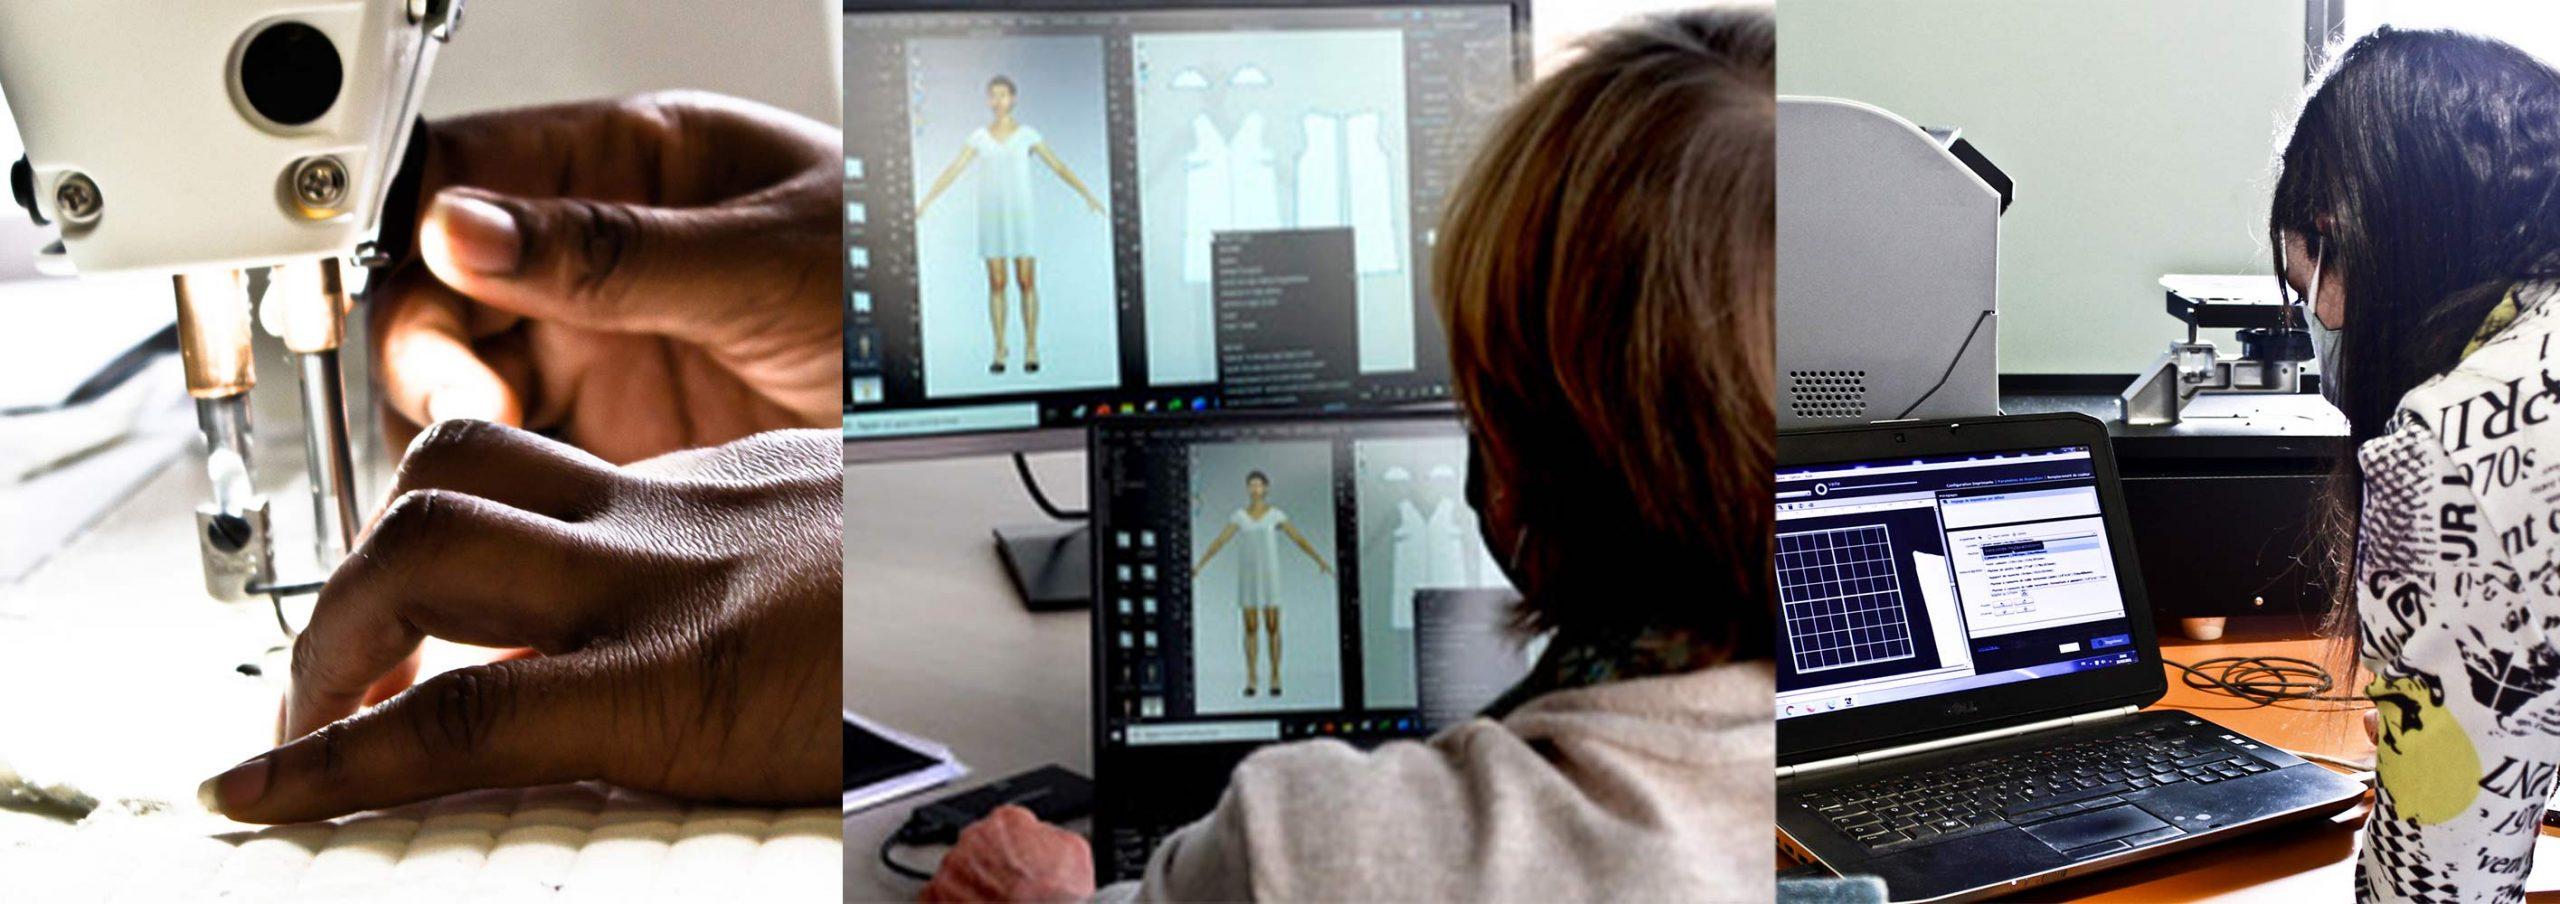 Conception 2D 3D et production tee-shirt